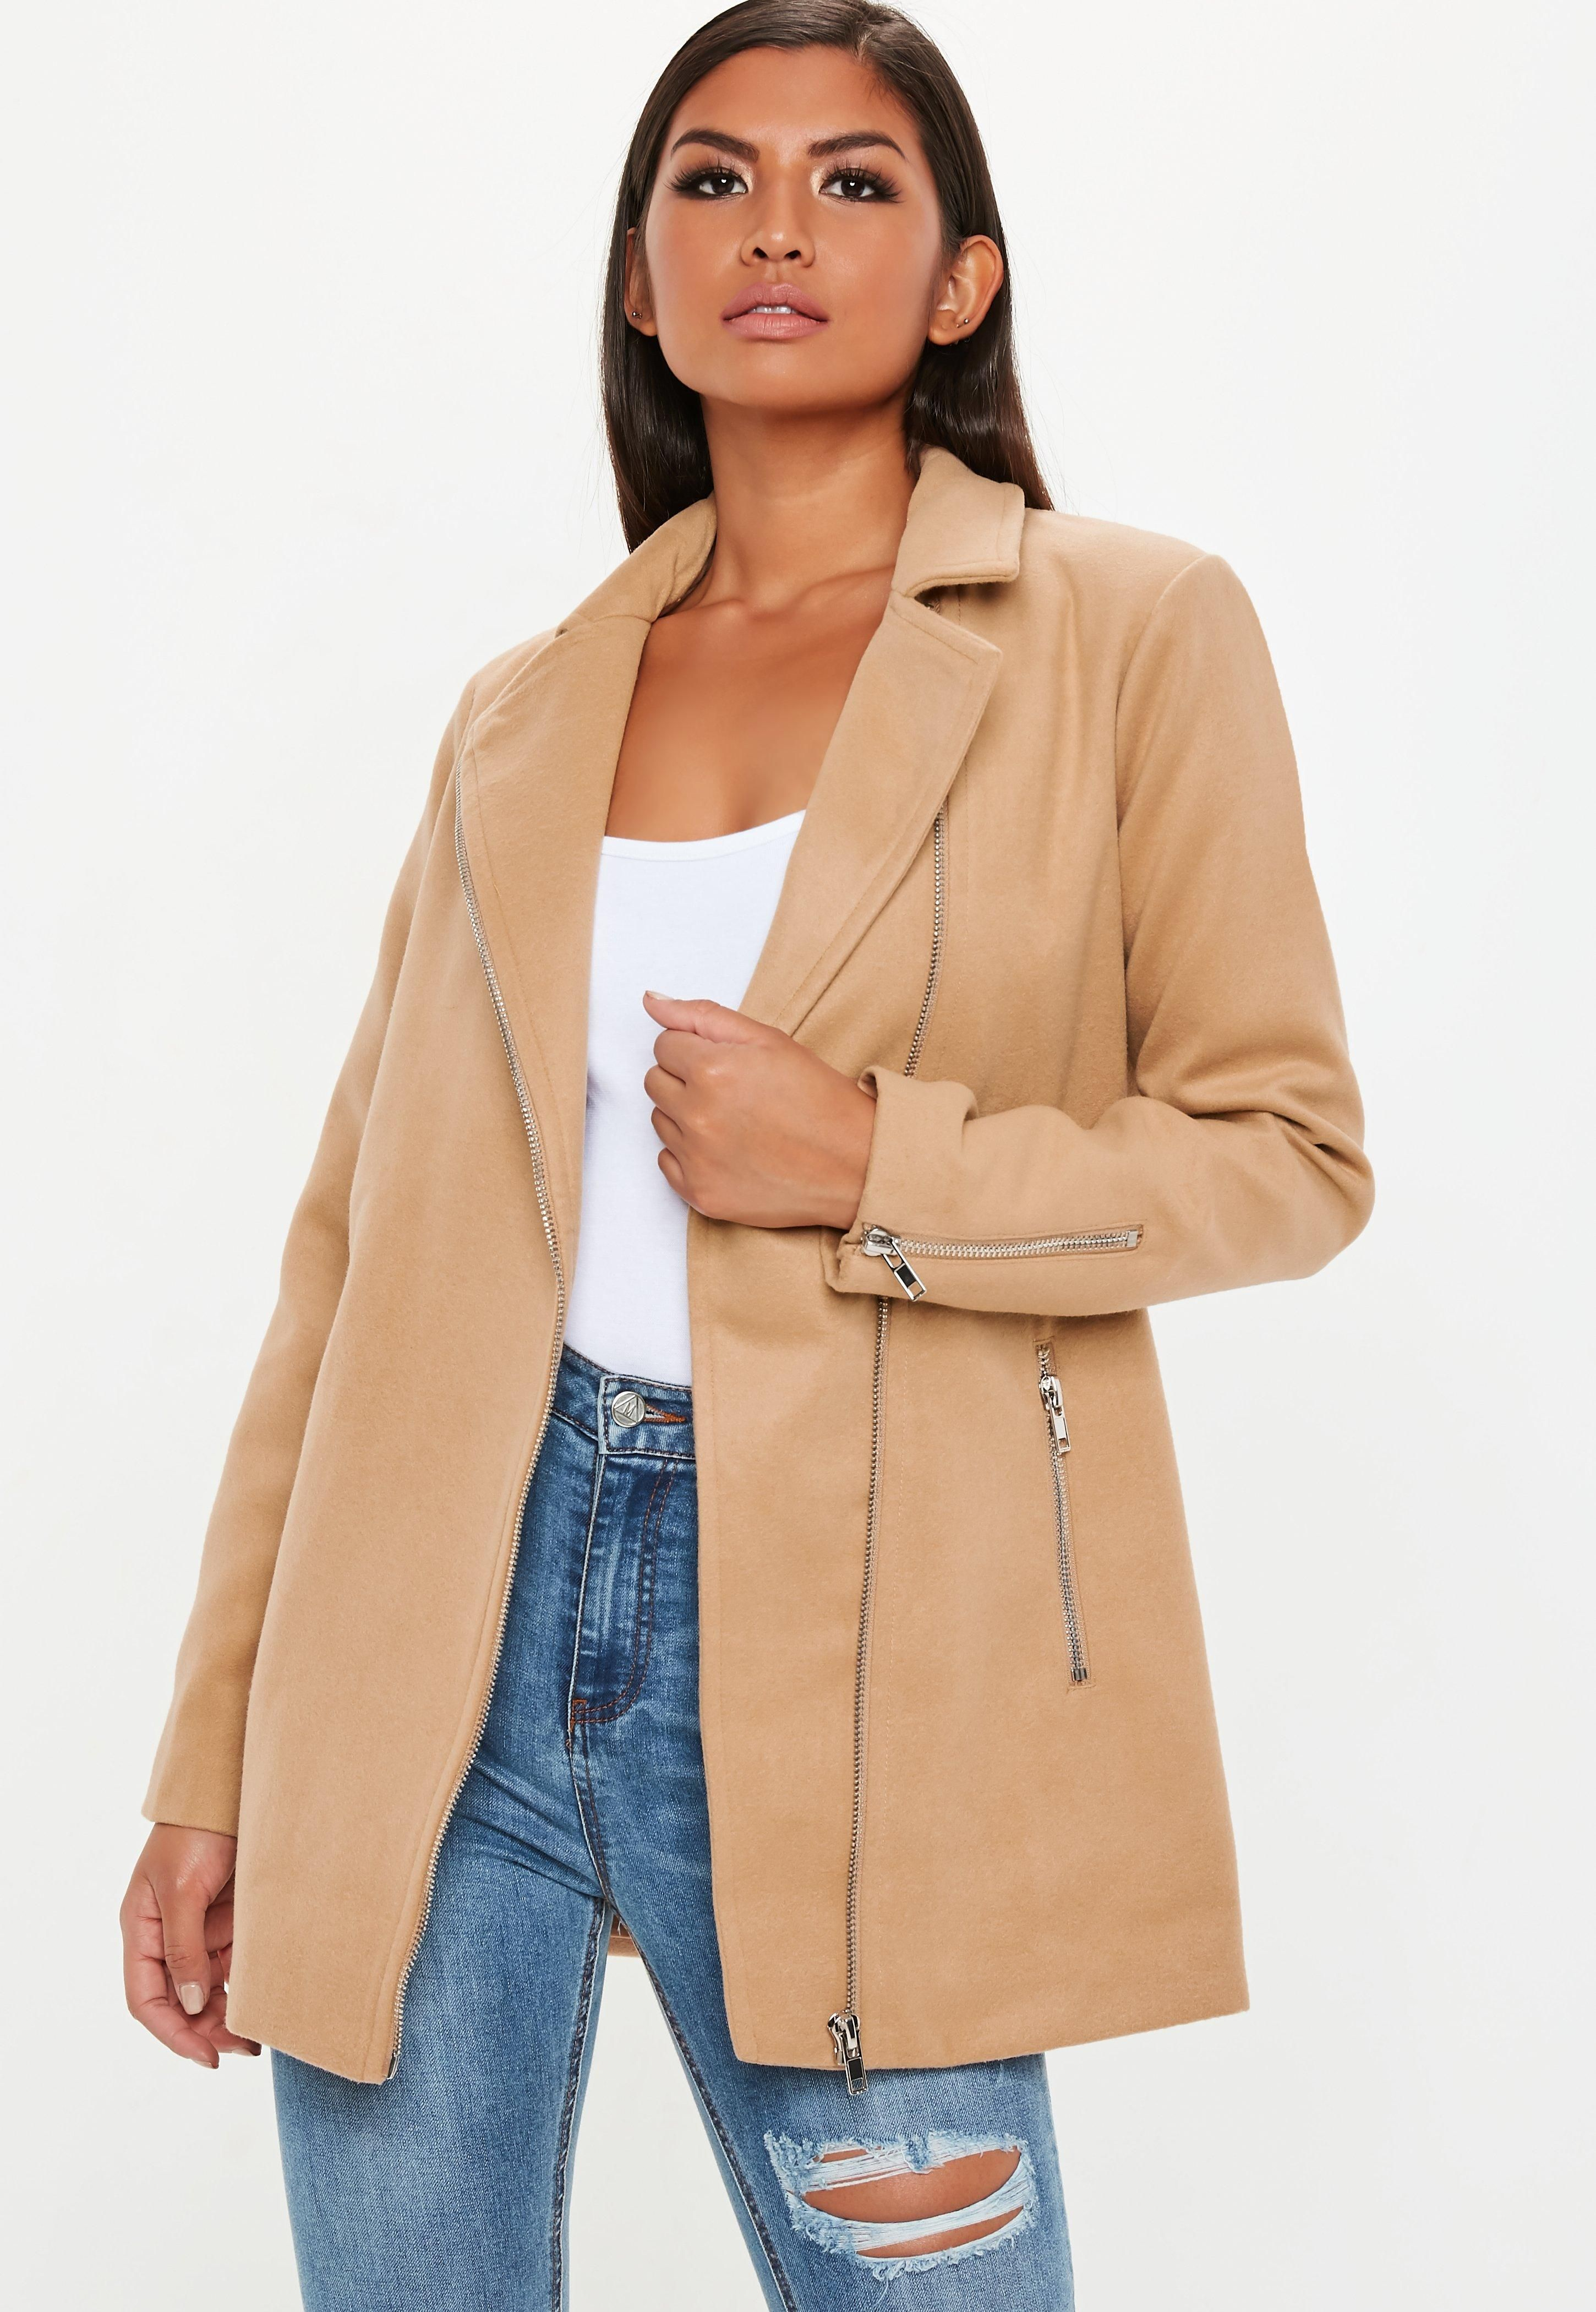 brownfauxwoolbikercoat Coats jackets women, Biker